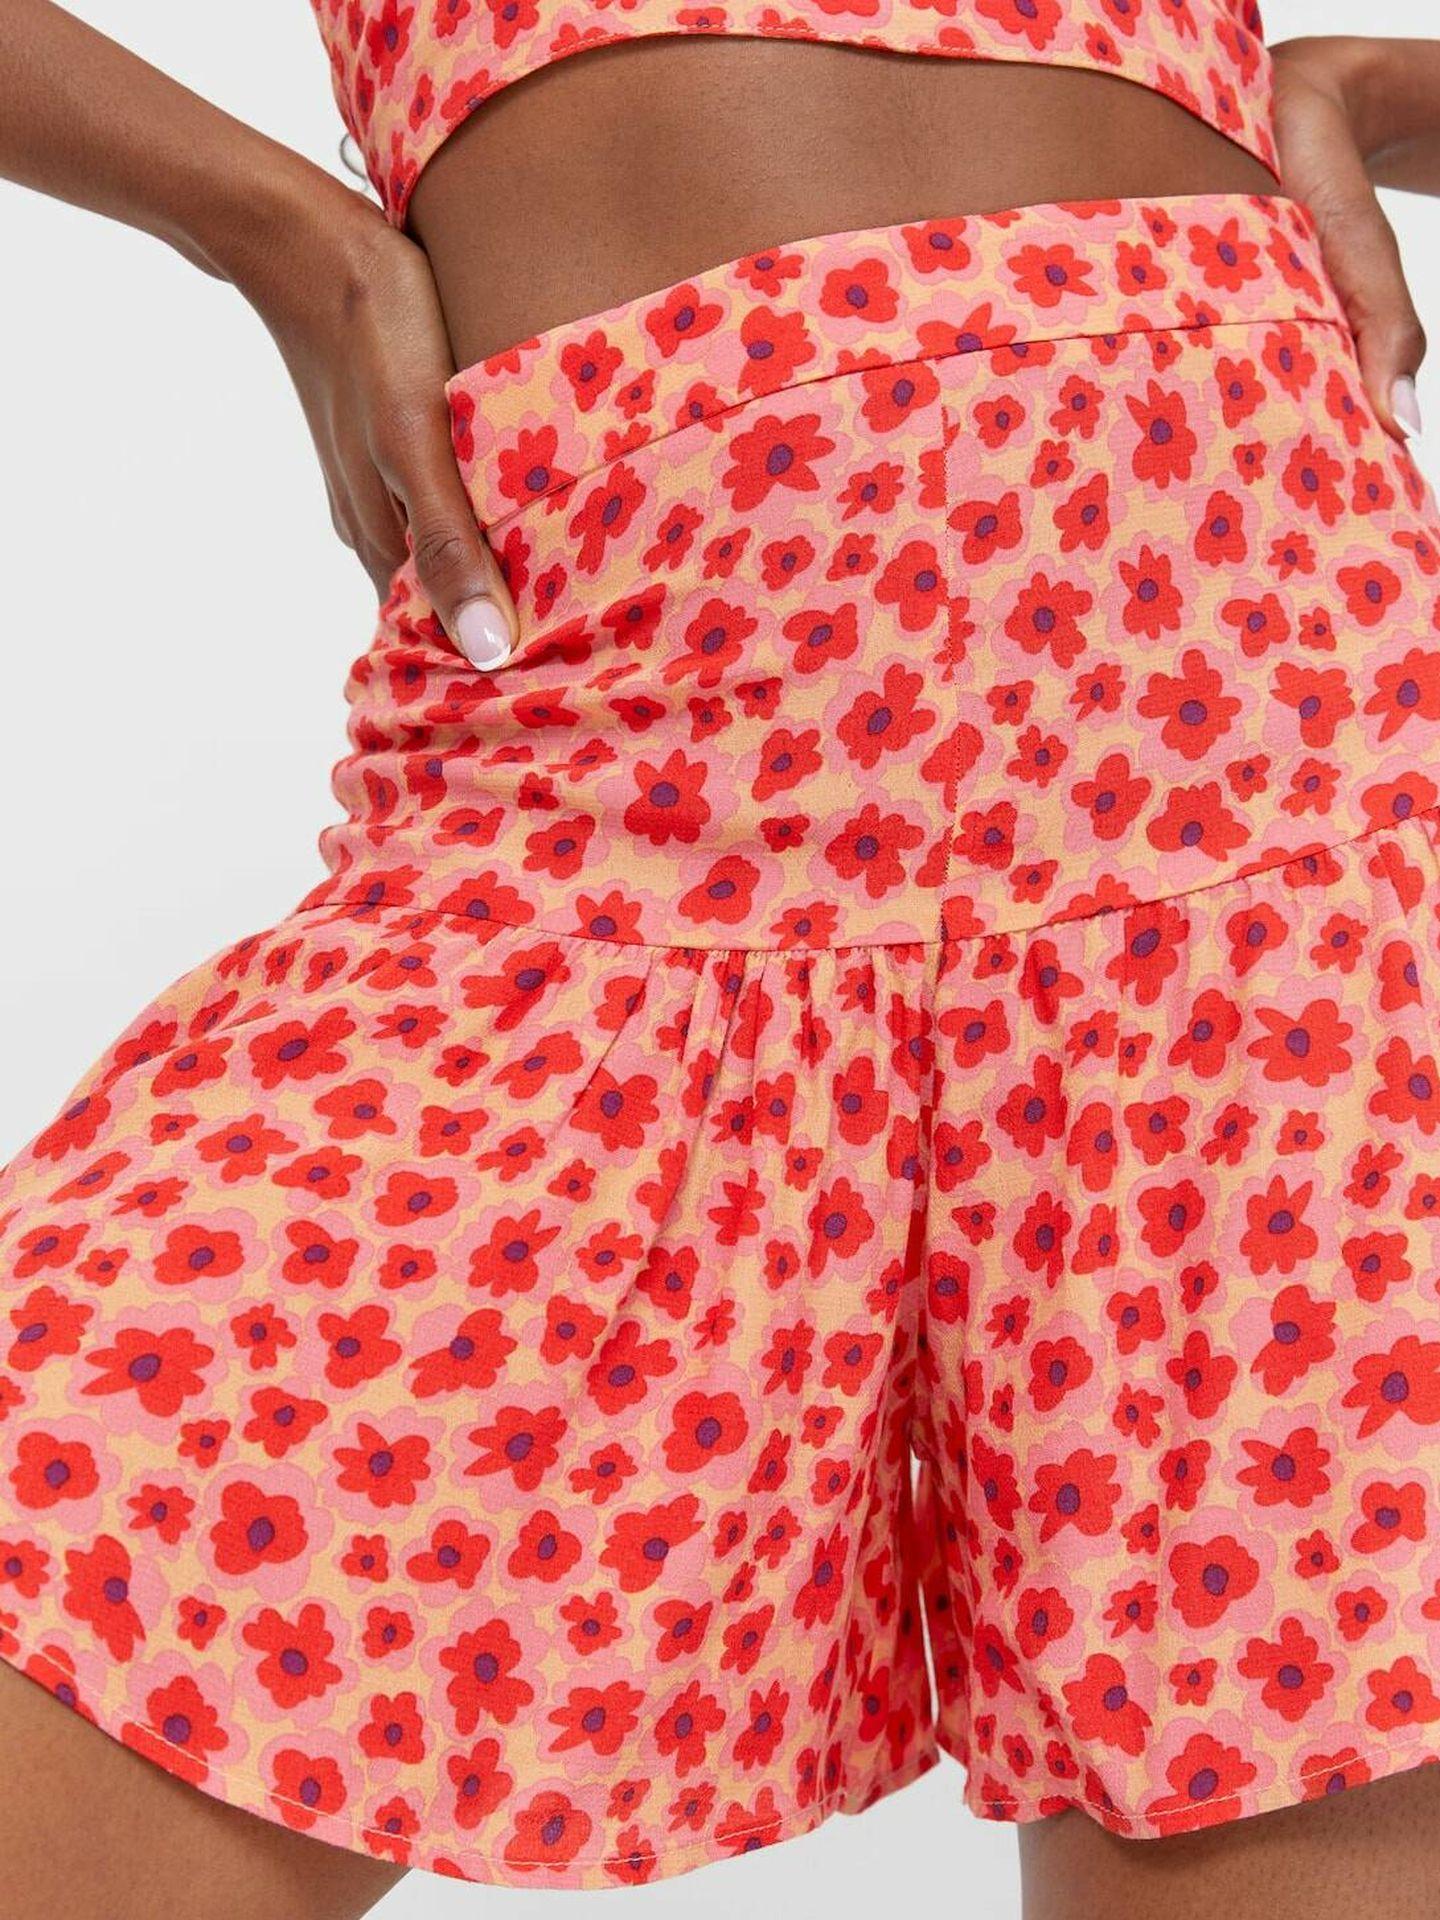 Falda pantalón de las rebajas de Stradivarius. (Cortesía)